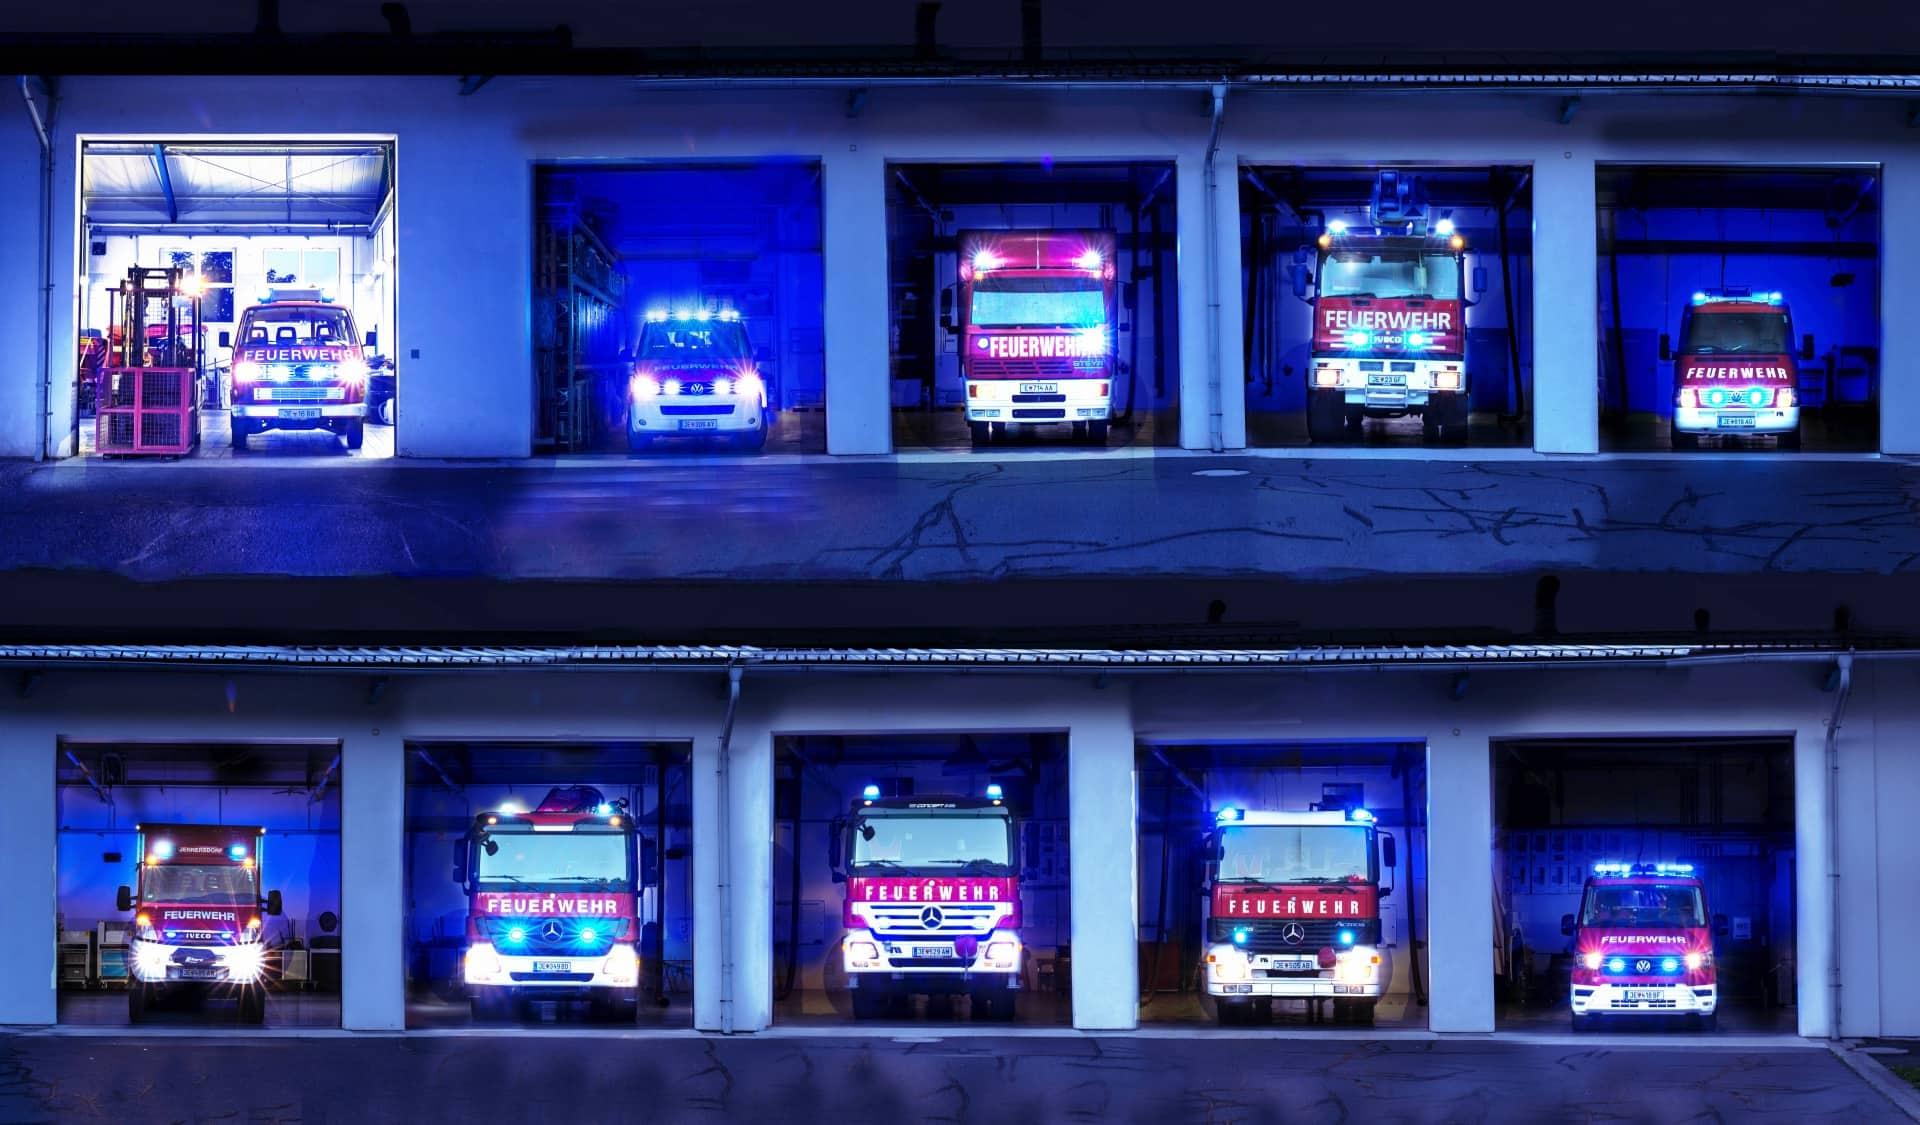 Feuerwehr Blaulicht-Challenge